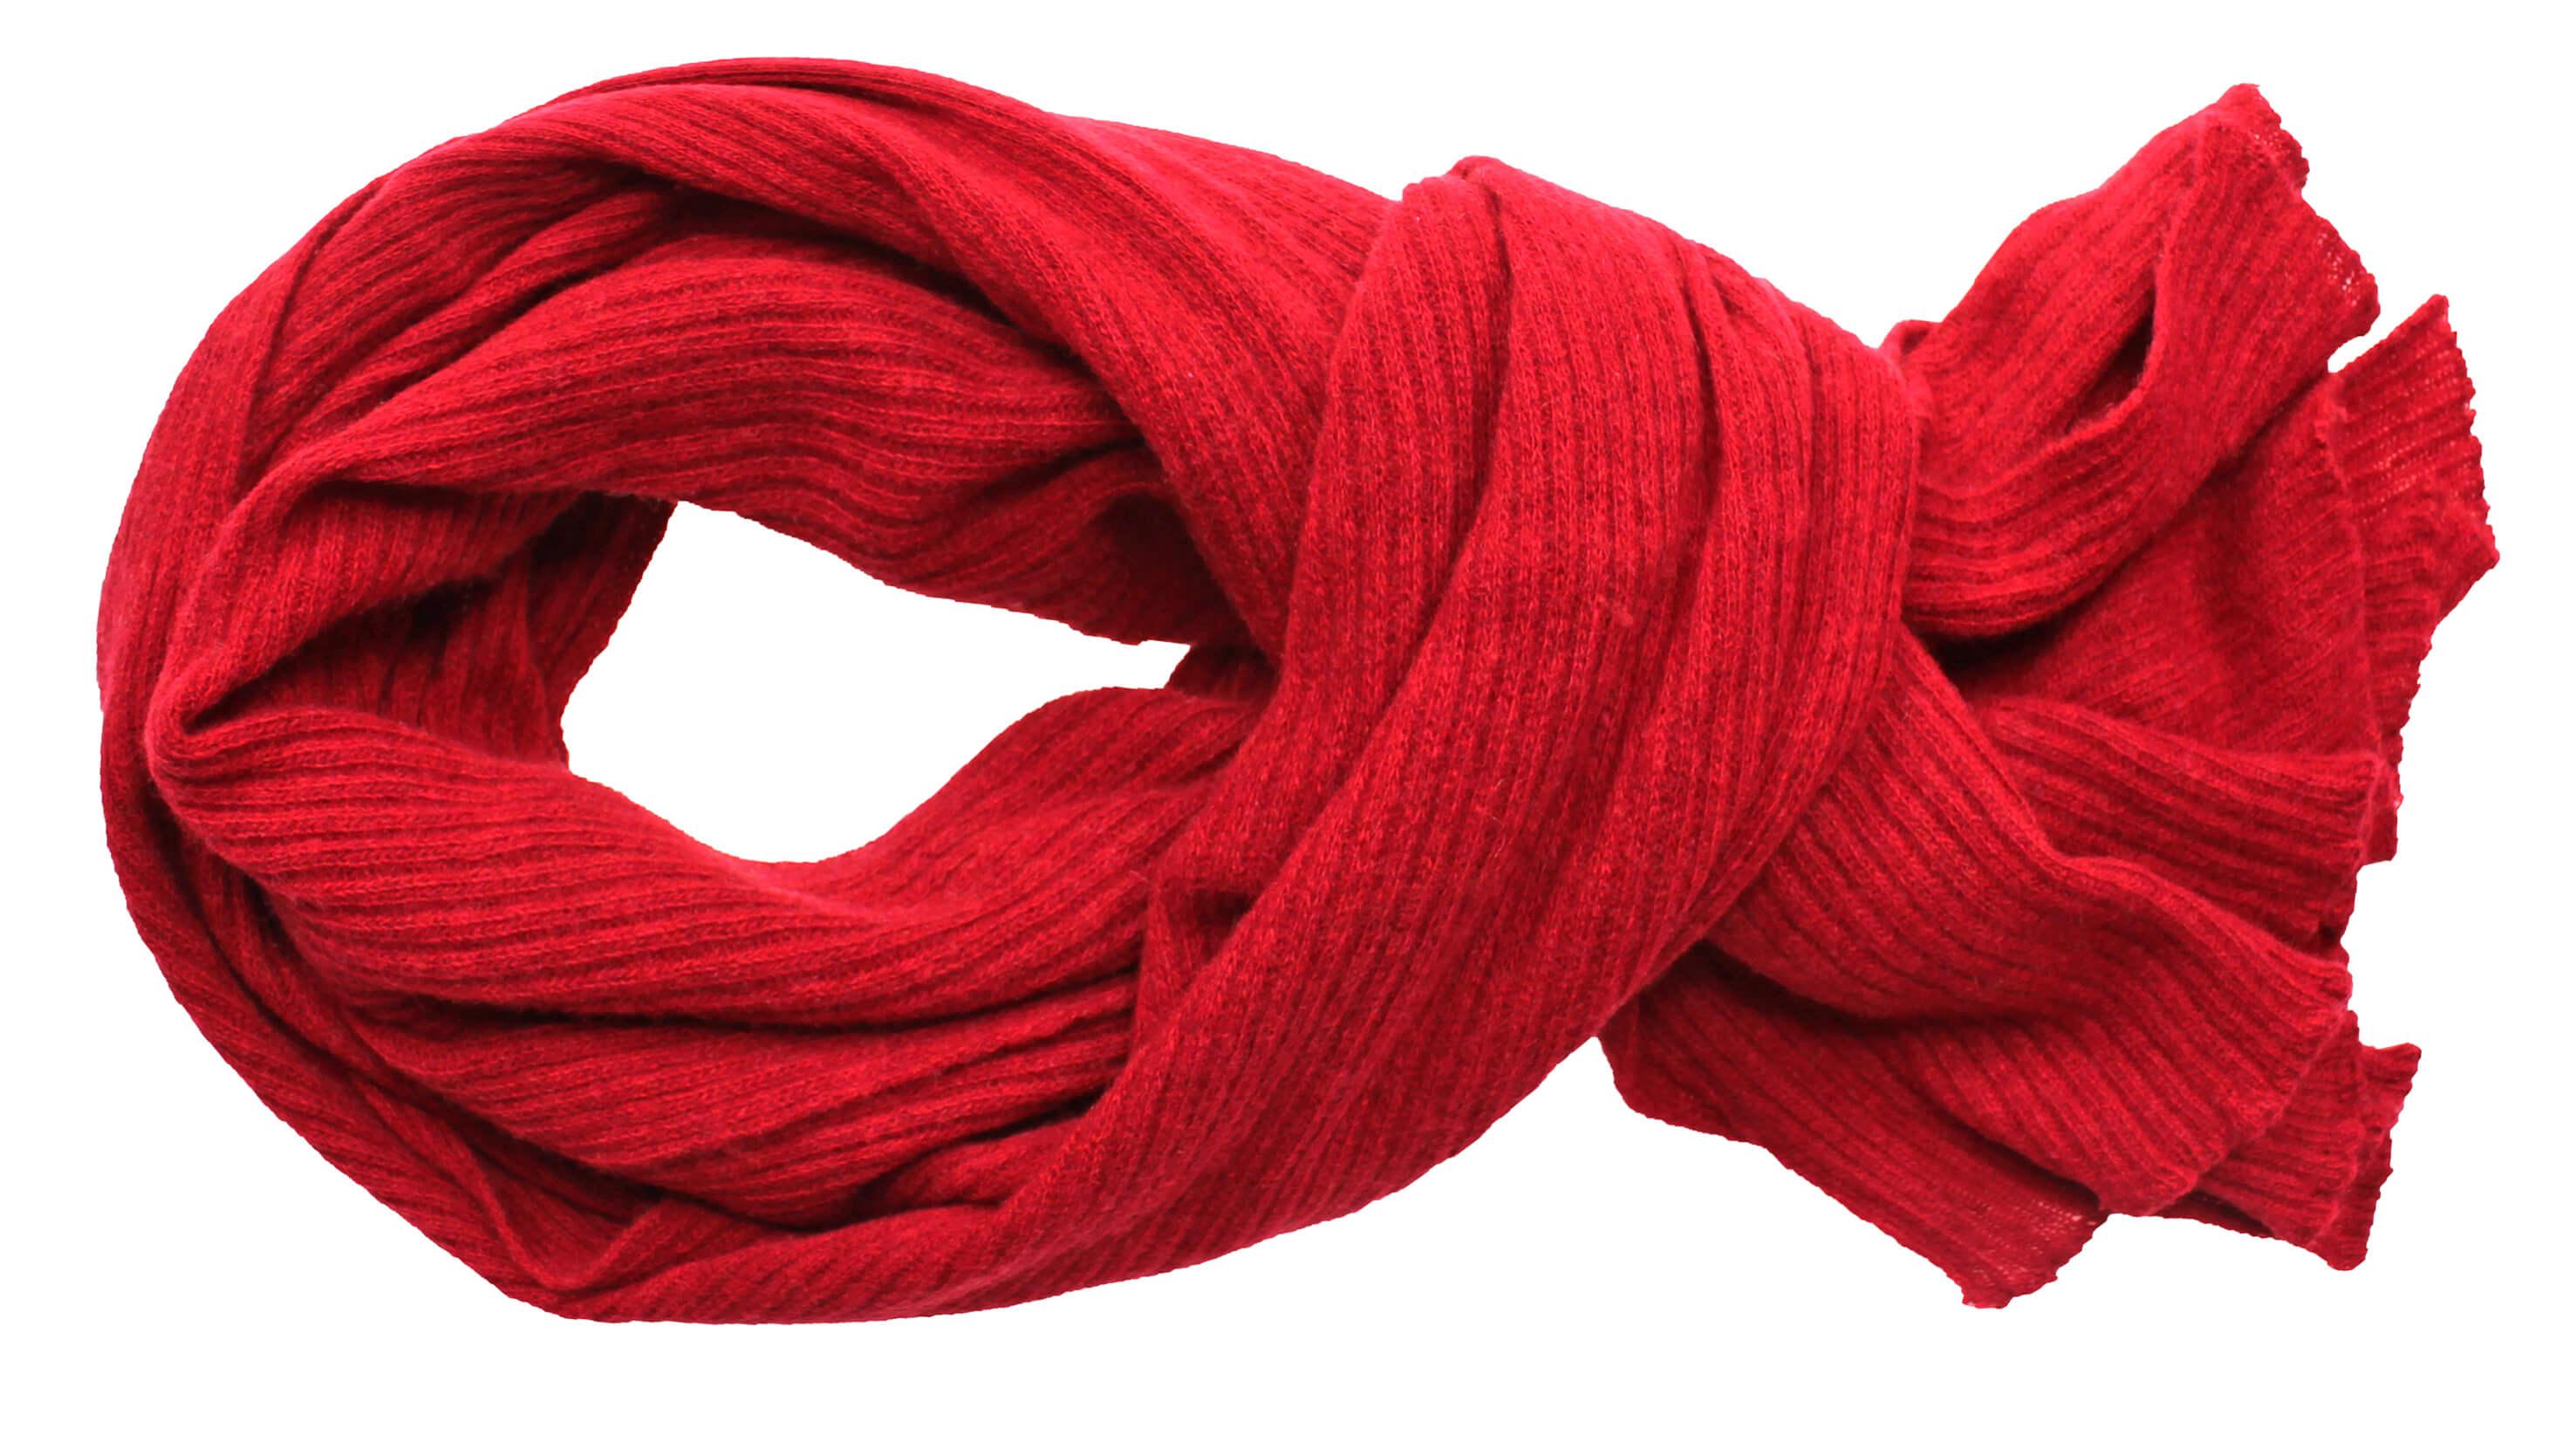 Bild von 041-0092col5, Variante rot